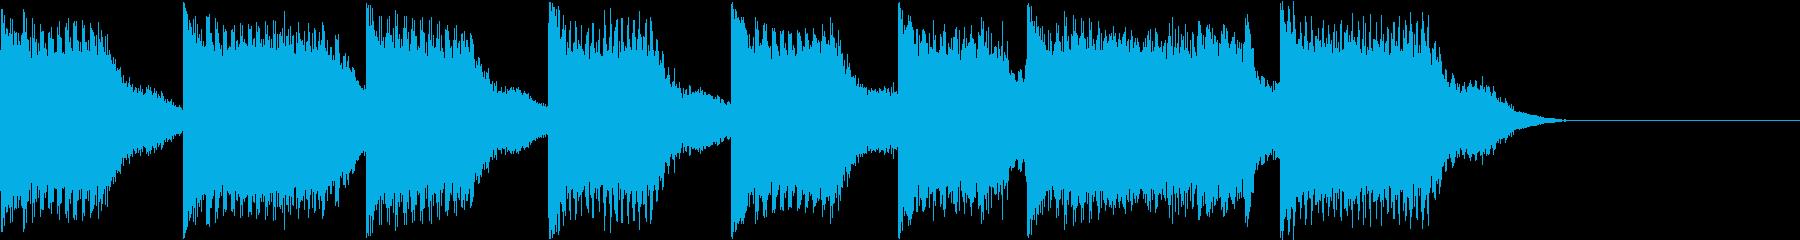 AI メカ/ロボ/マシン動作音 11の再生済みの波形